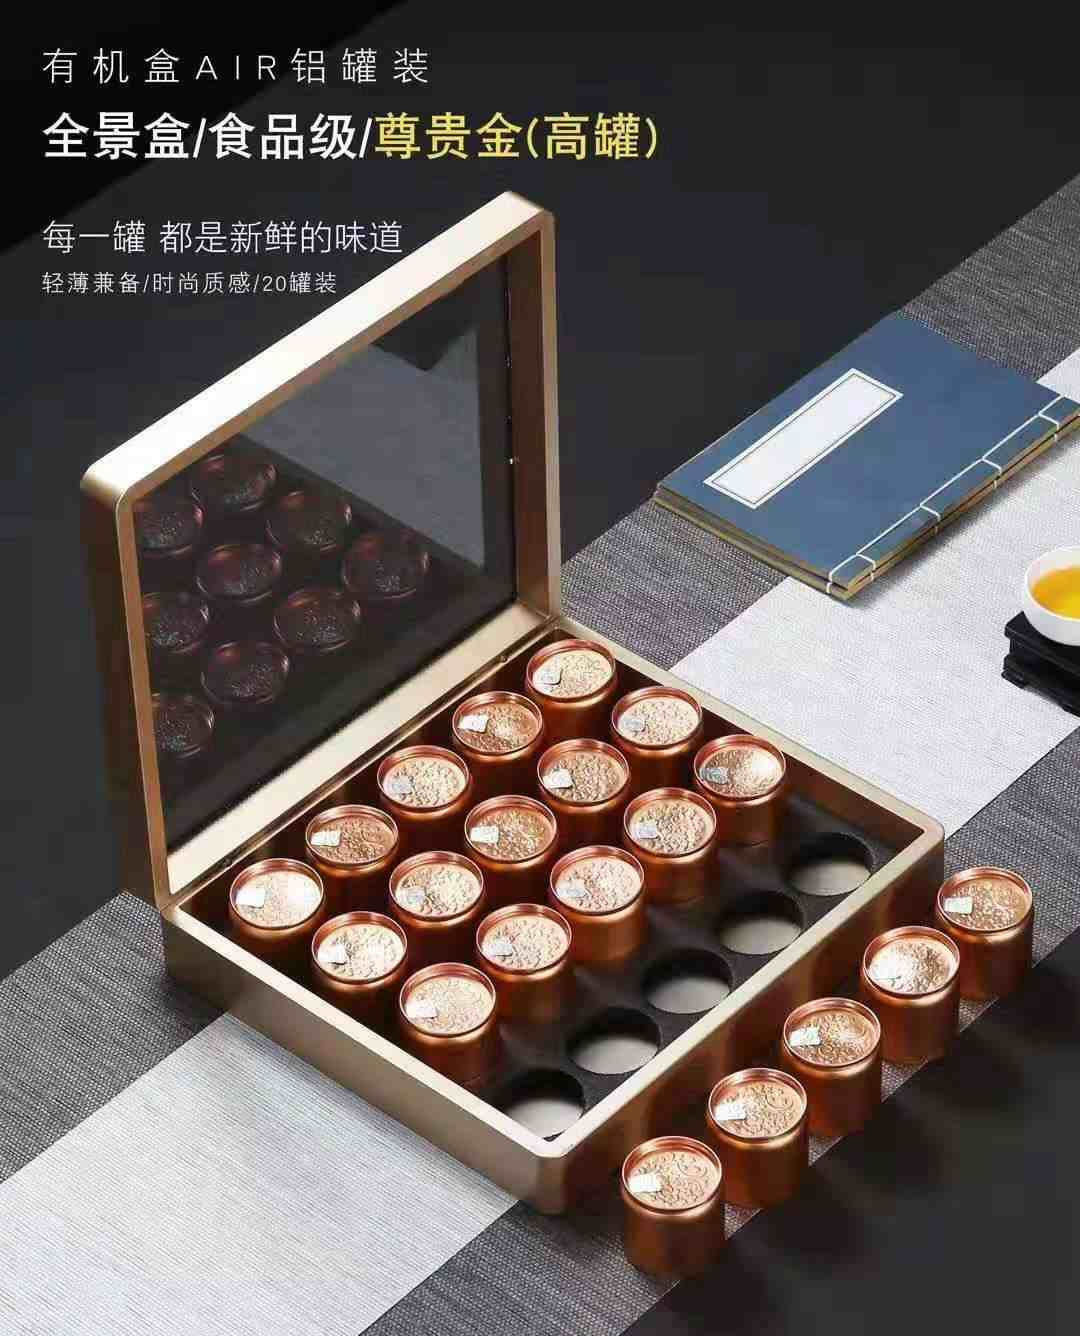 官方企业茶礼定制按需定制 值得信赖「深圳市江源也美广告供应」